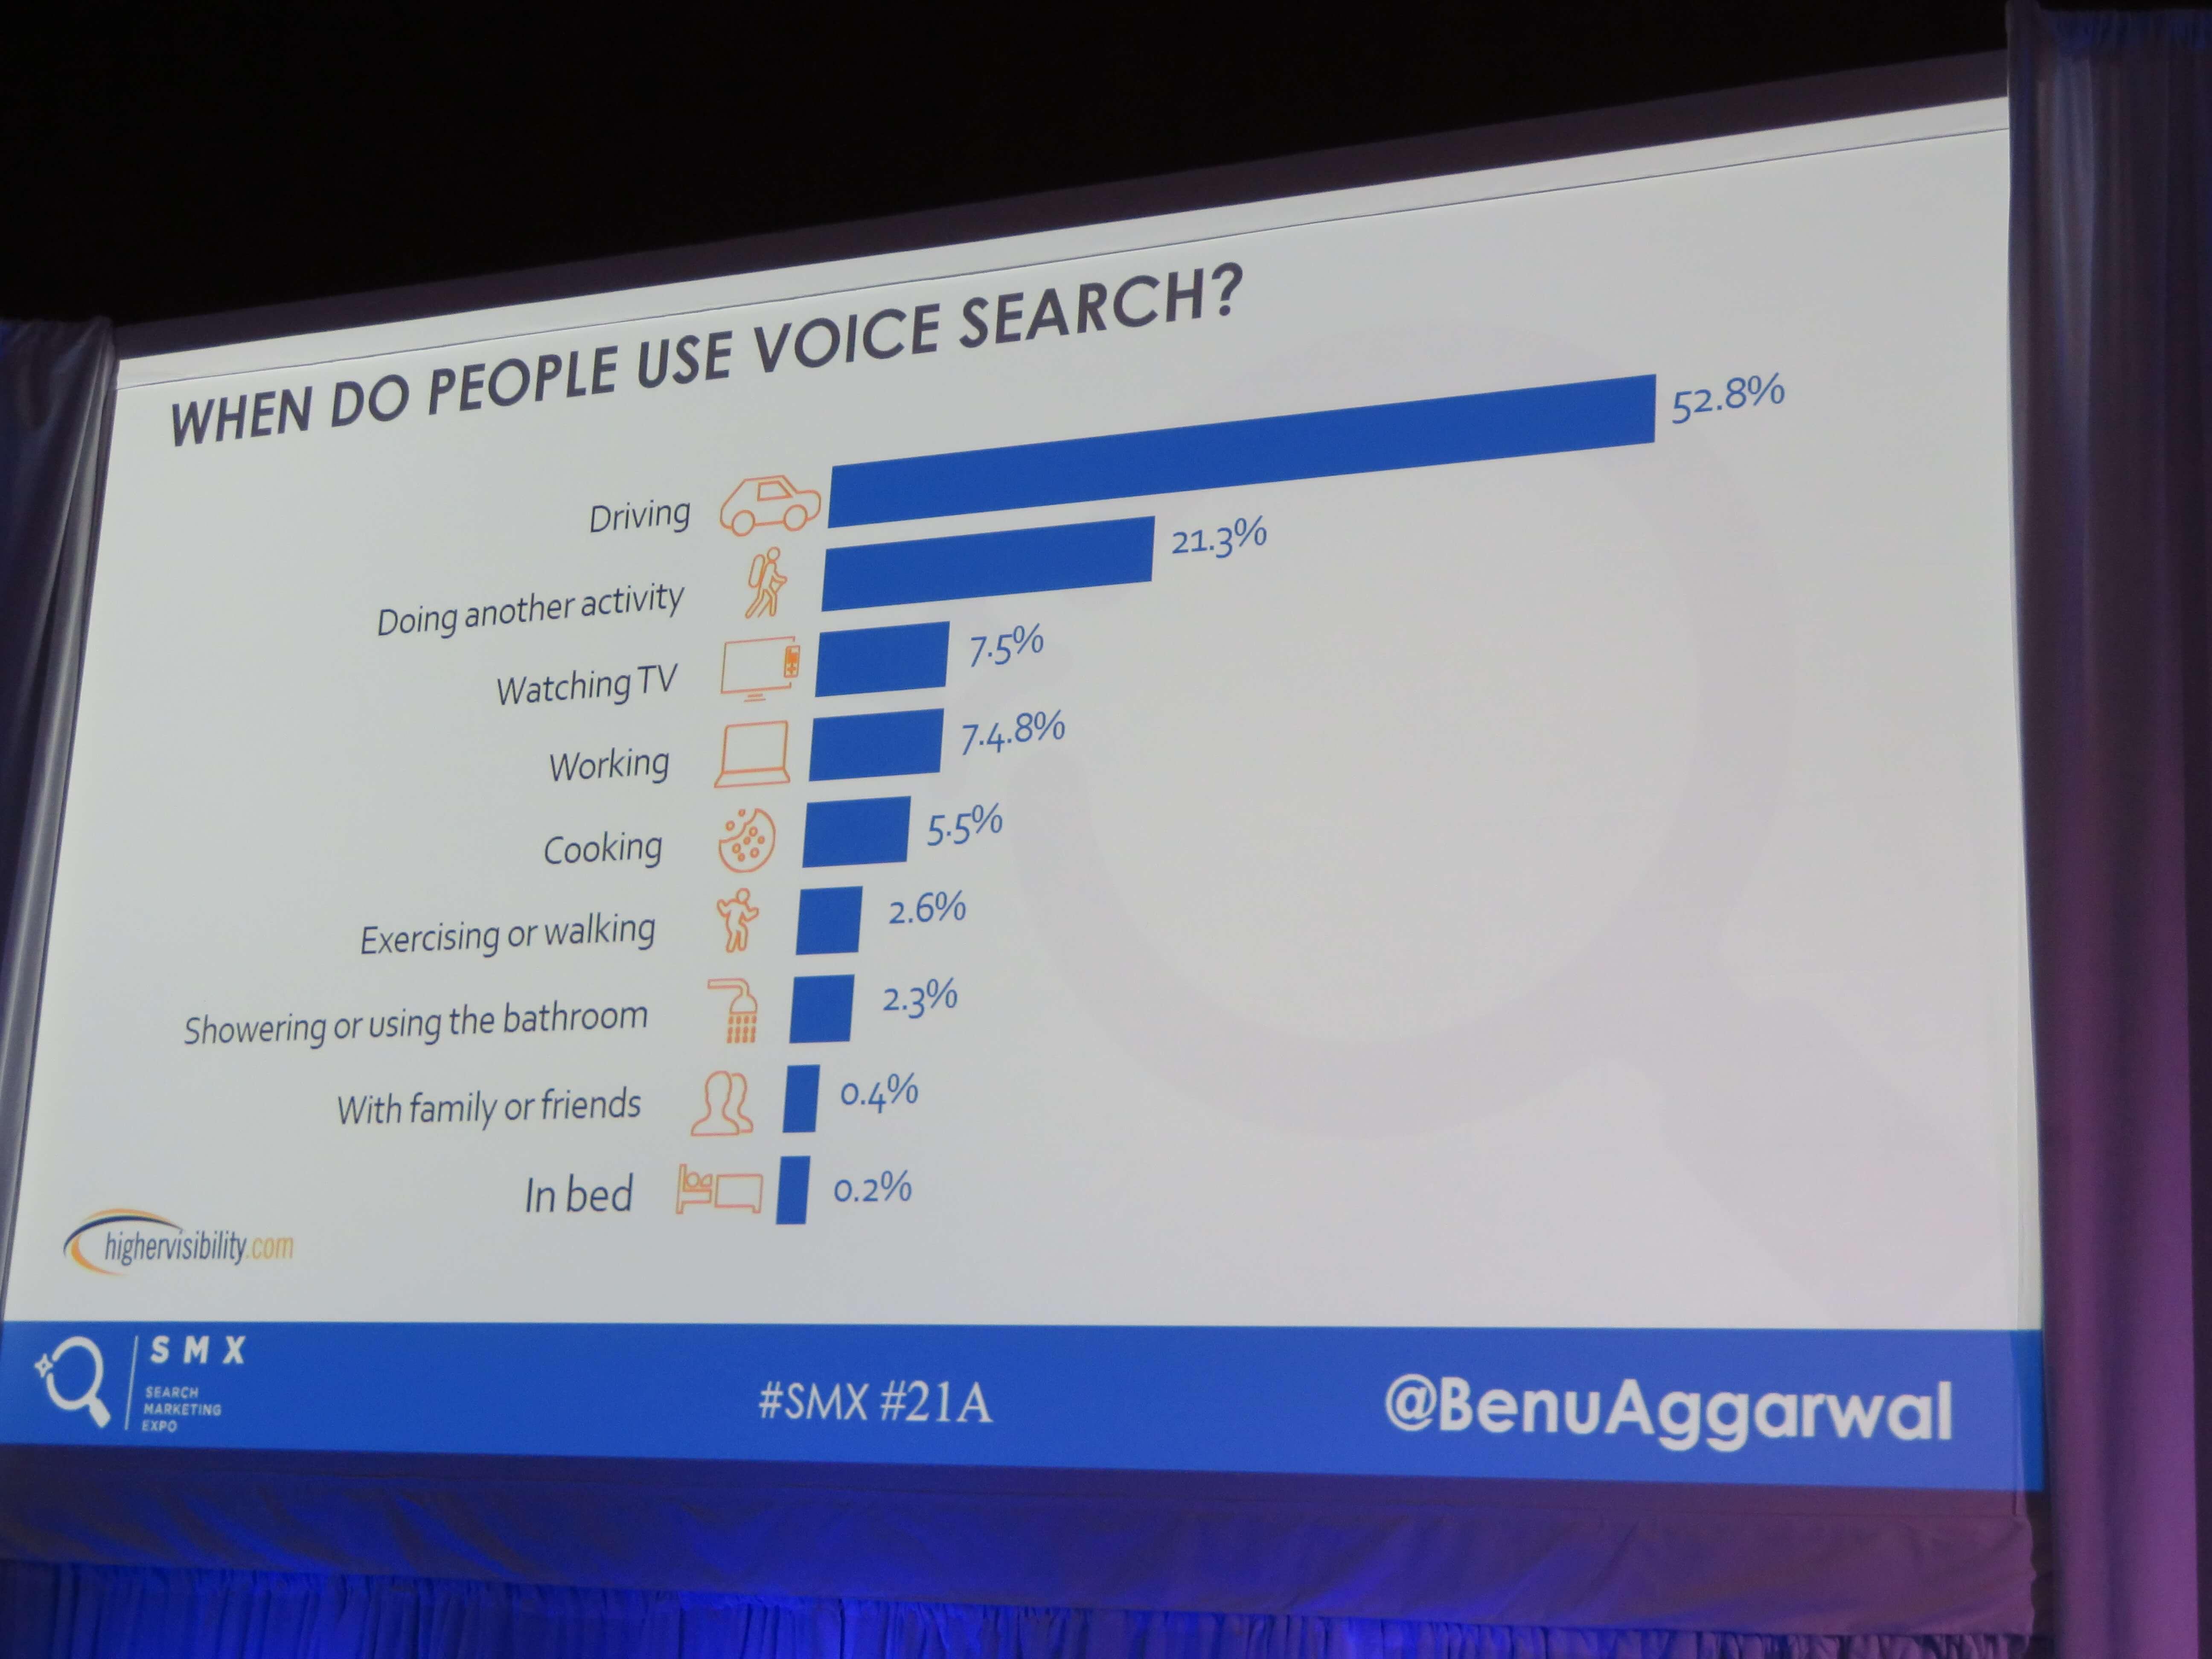 音声検索を日常のどこで使うのか?